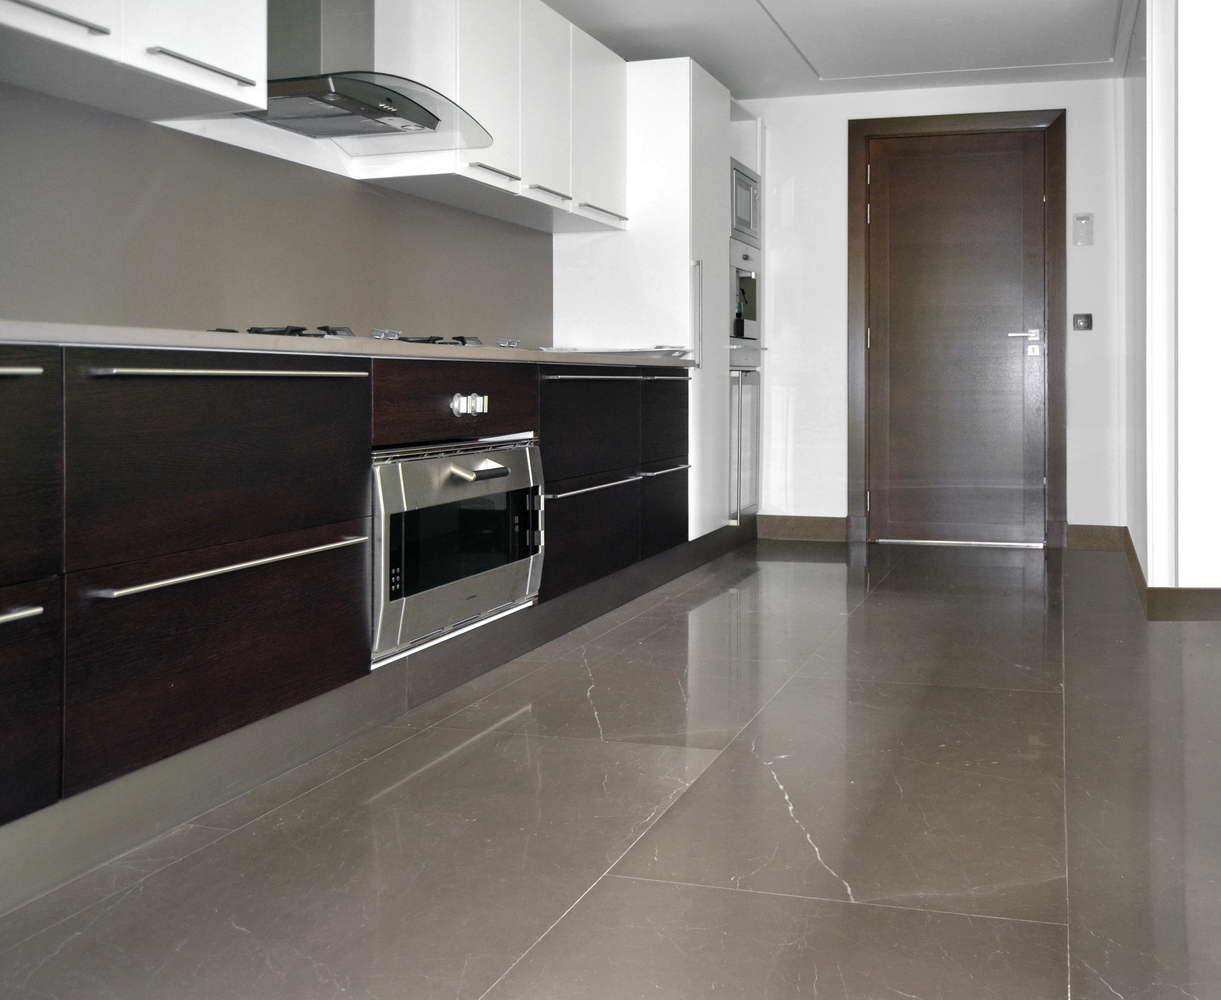 pavimento cucina in marmo marrone